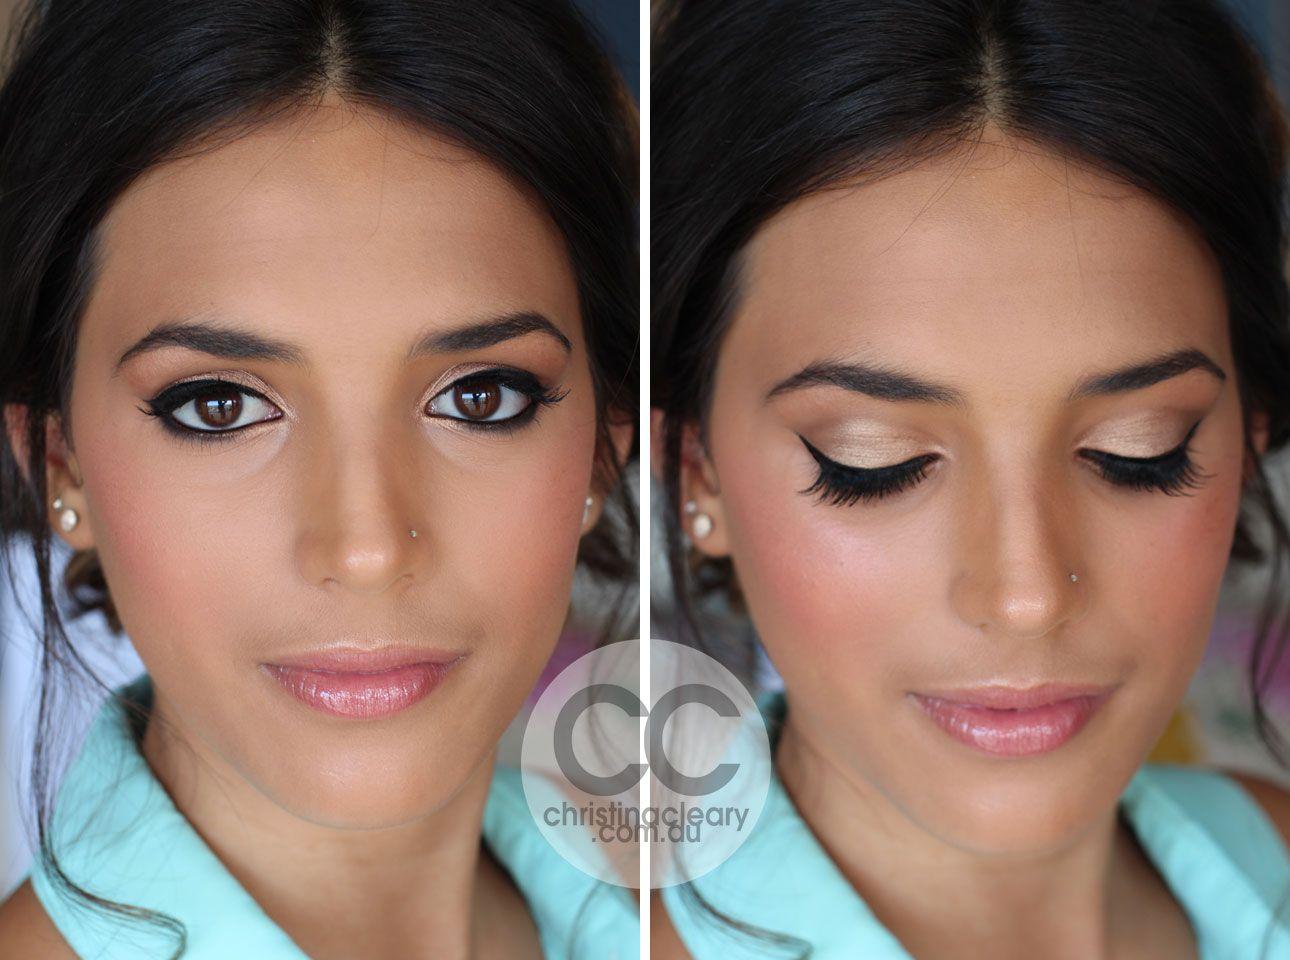 tanned skin, brown eyes, winged liner, winged eyeliner